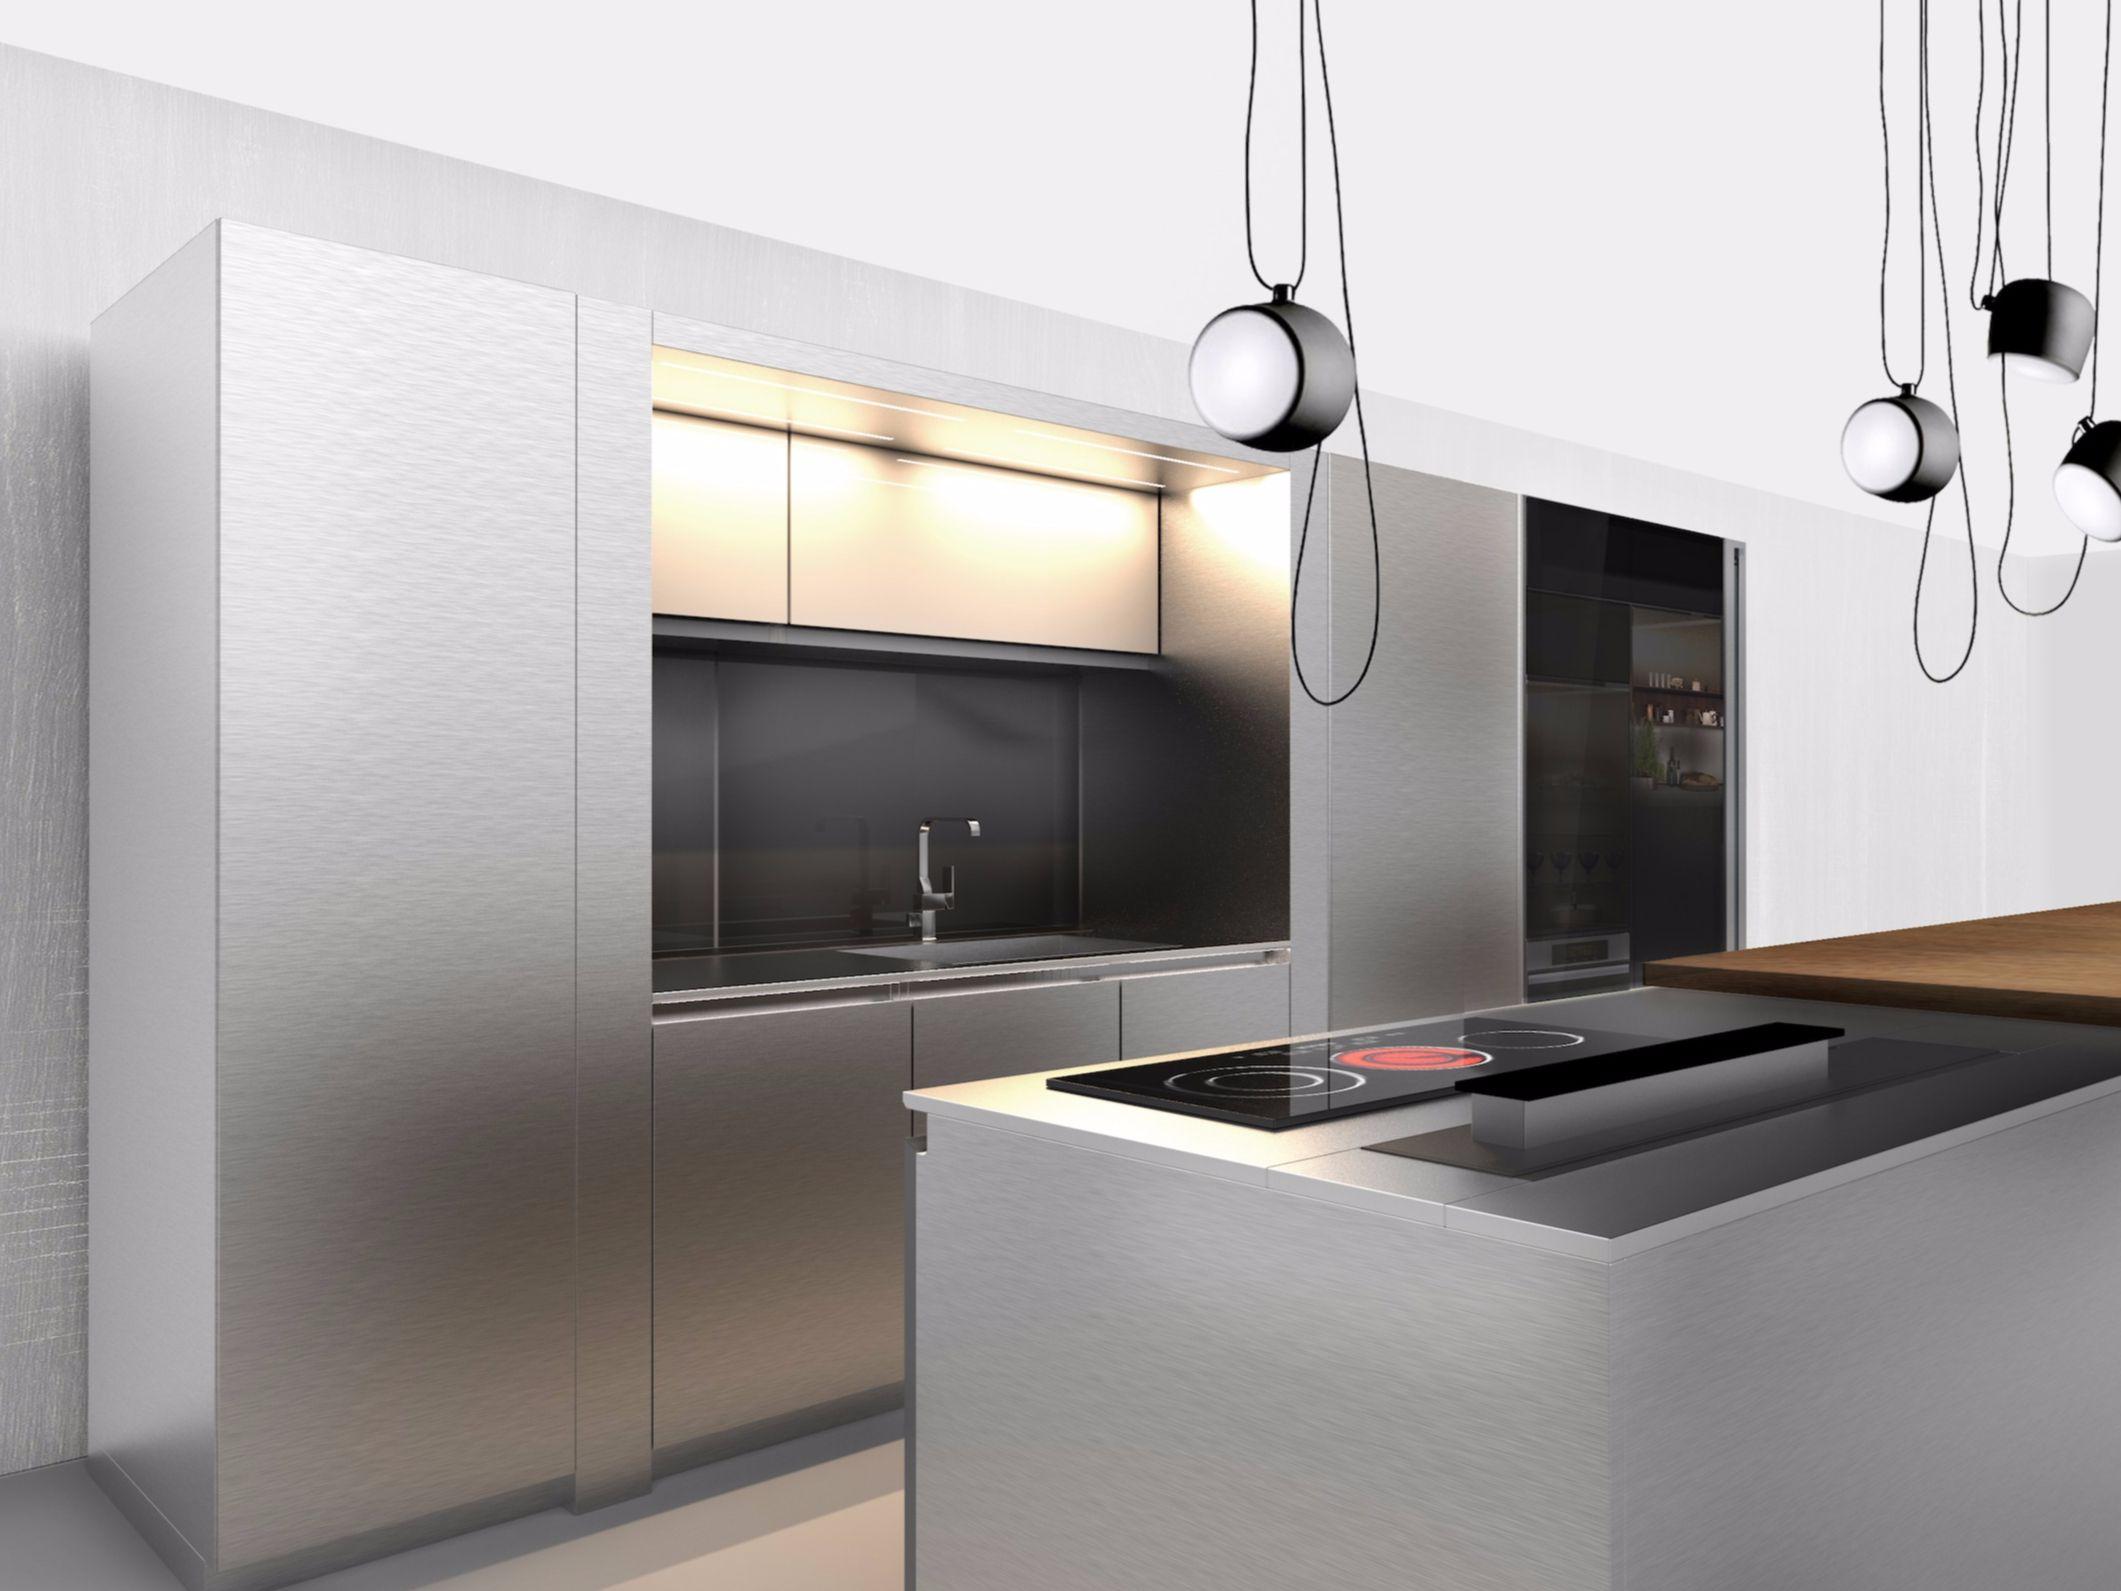 arte | cucina con isola collezione arte by euromobil design marco piva - Cucina Euromobil